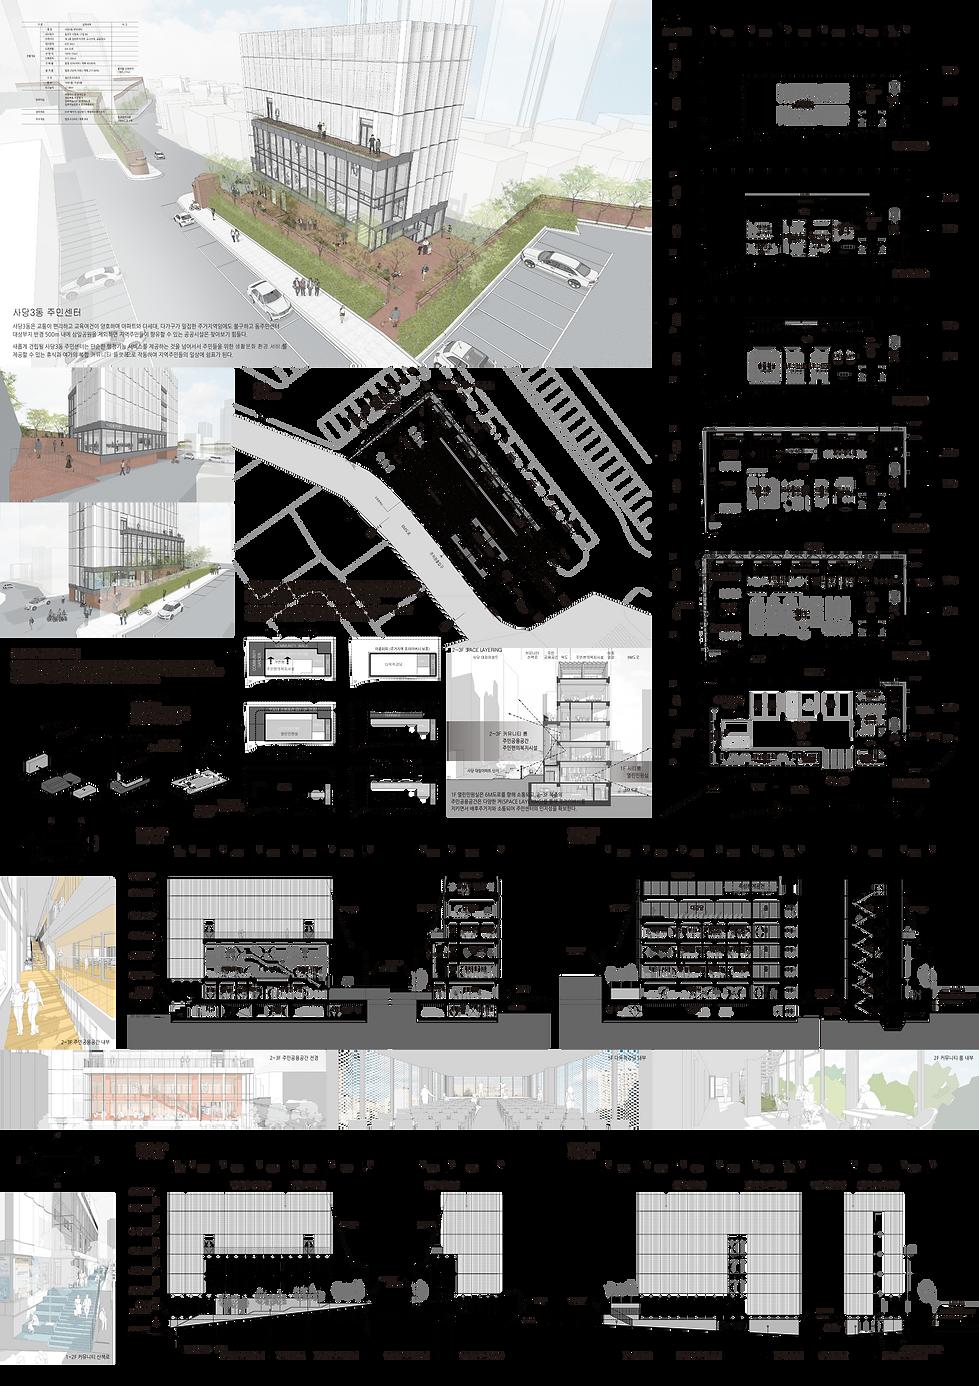 210205-설계도판-01-min.png